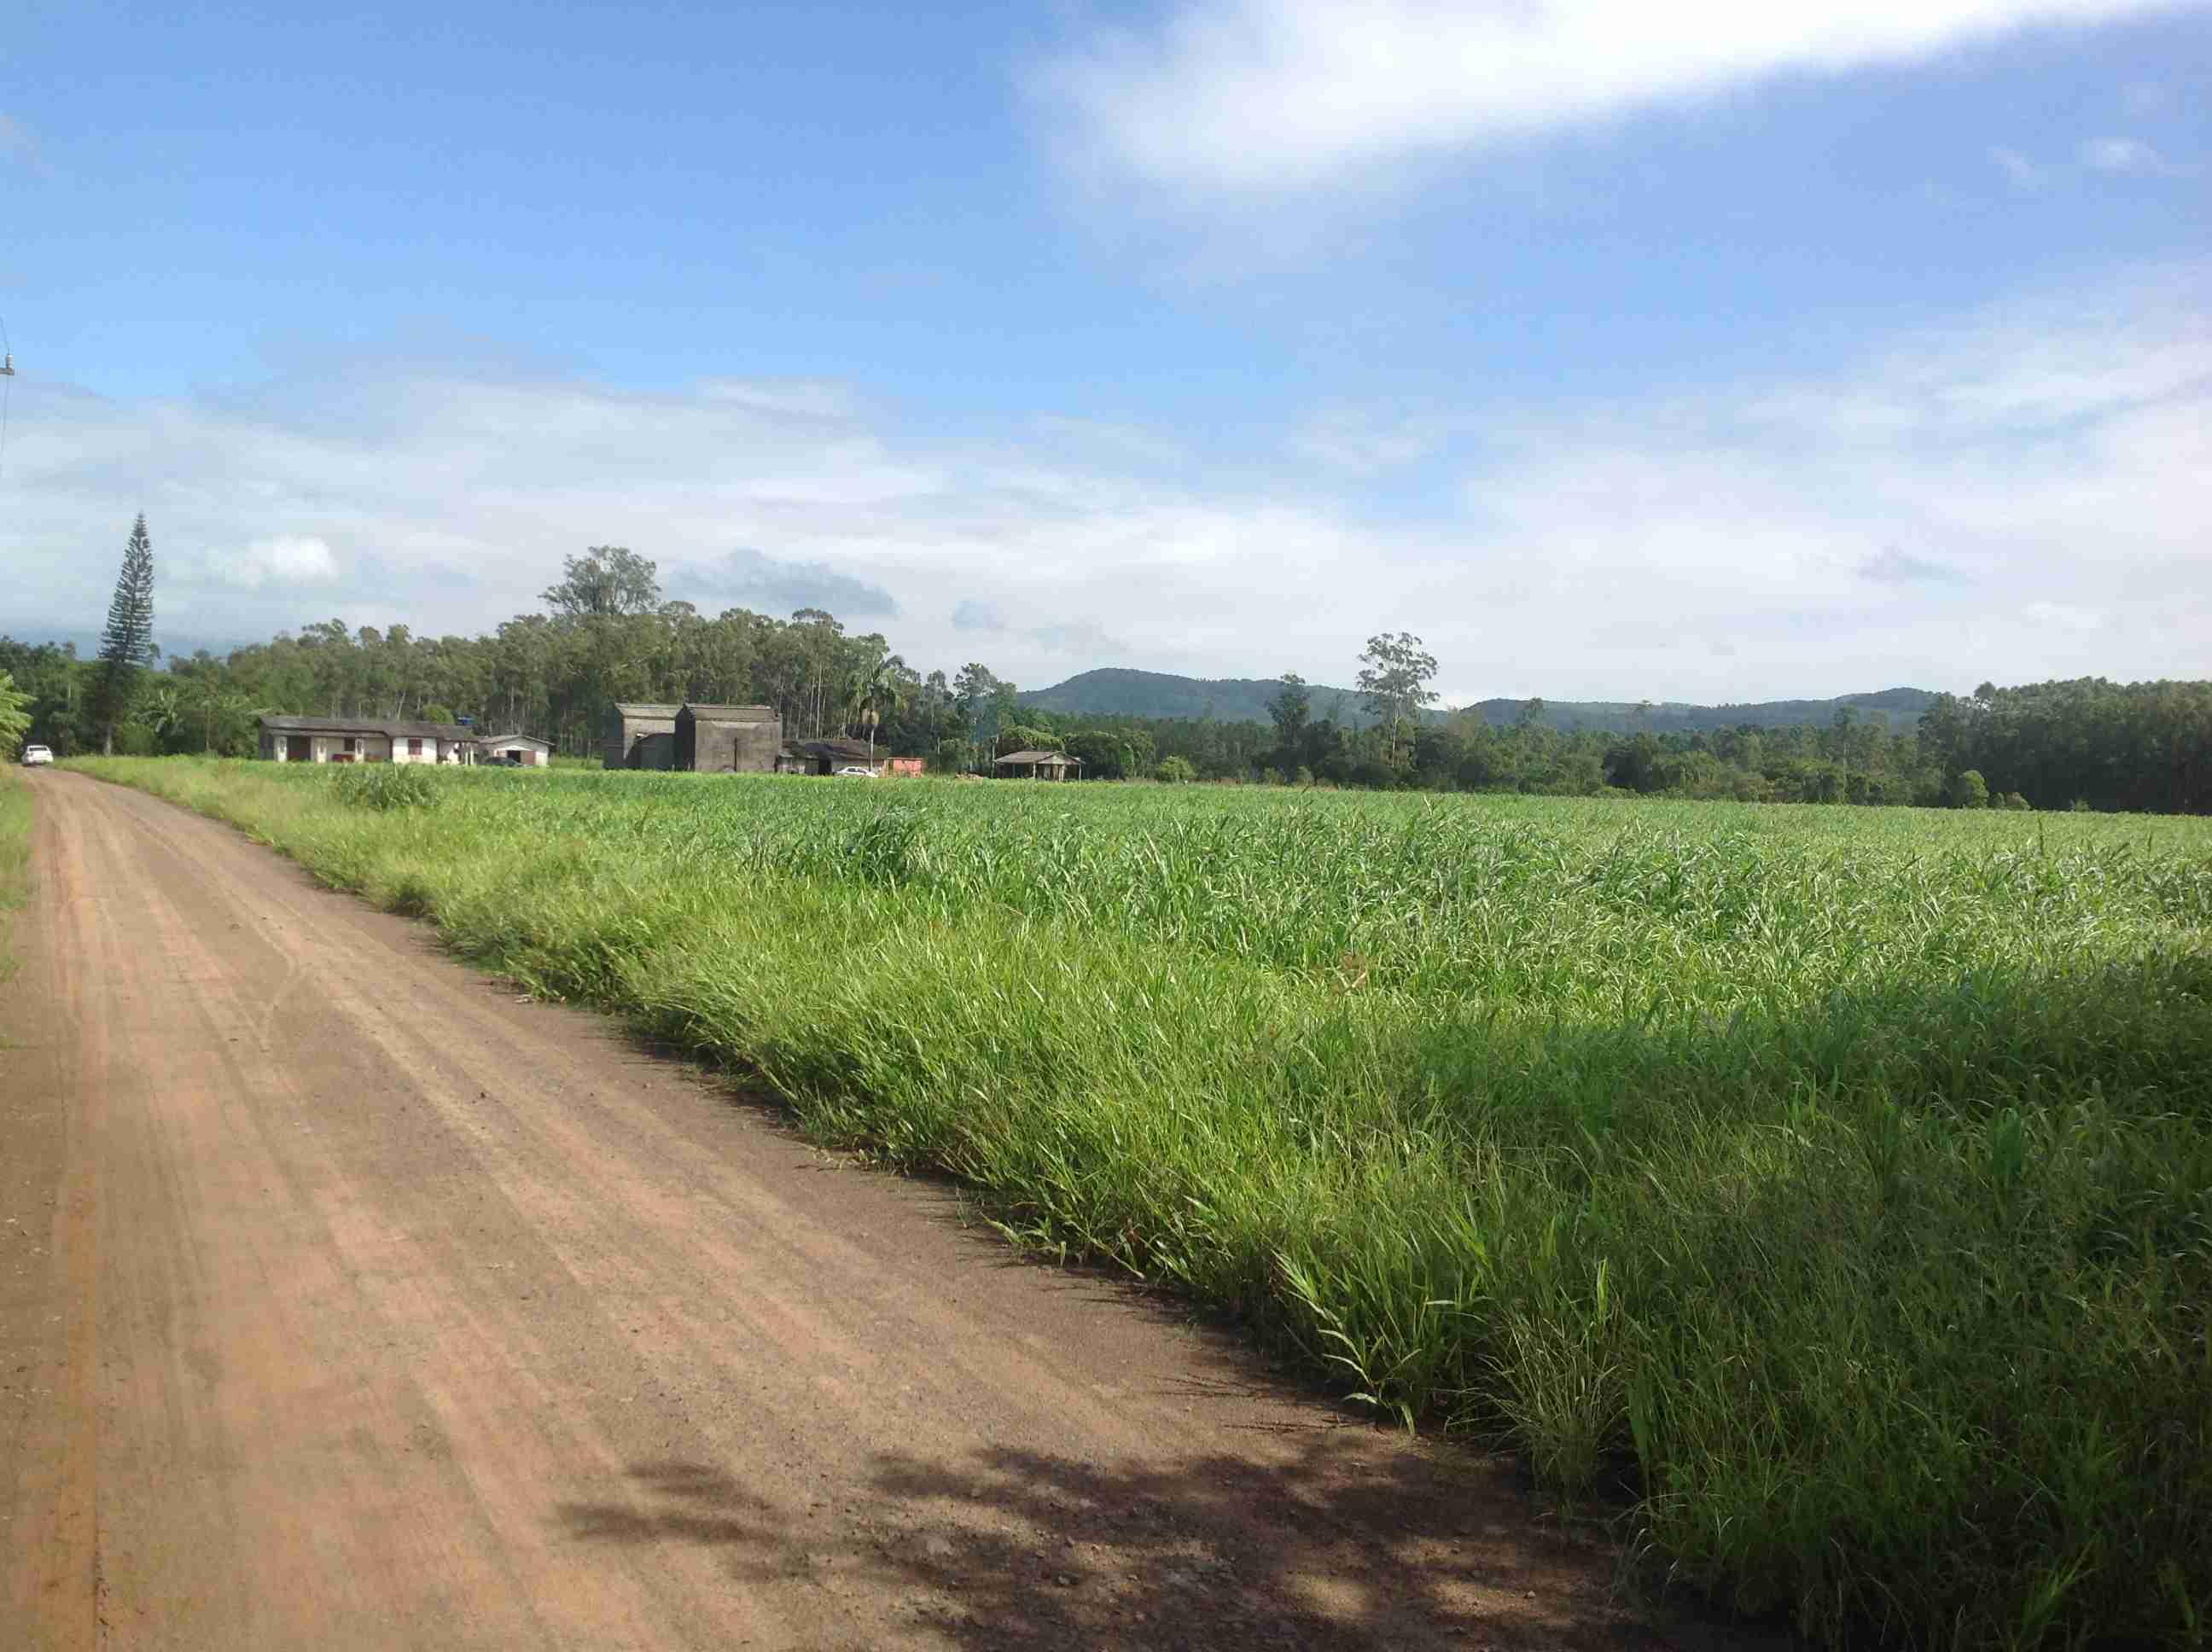 Terreno rural( 080)10,0 há,2 estufas automatizadas, paiol, açude,casa mista,3  quartos,2 banheiros, sala,cosinha,reflorestamento,pastagem.